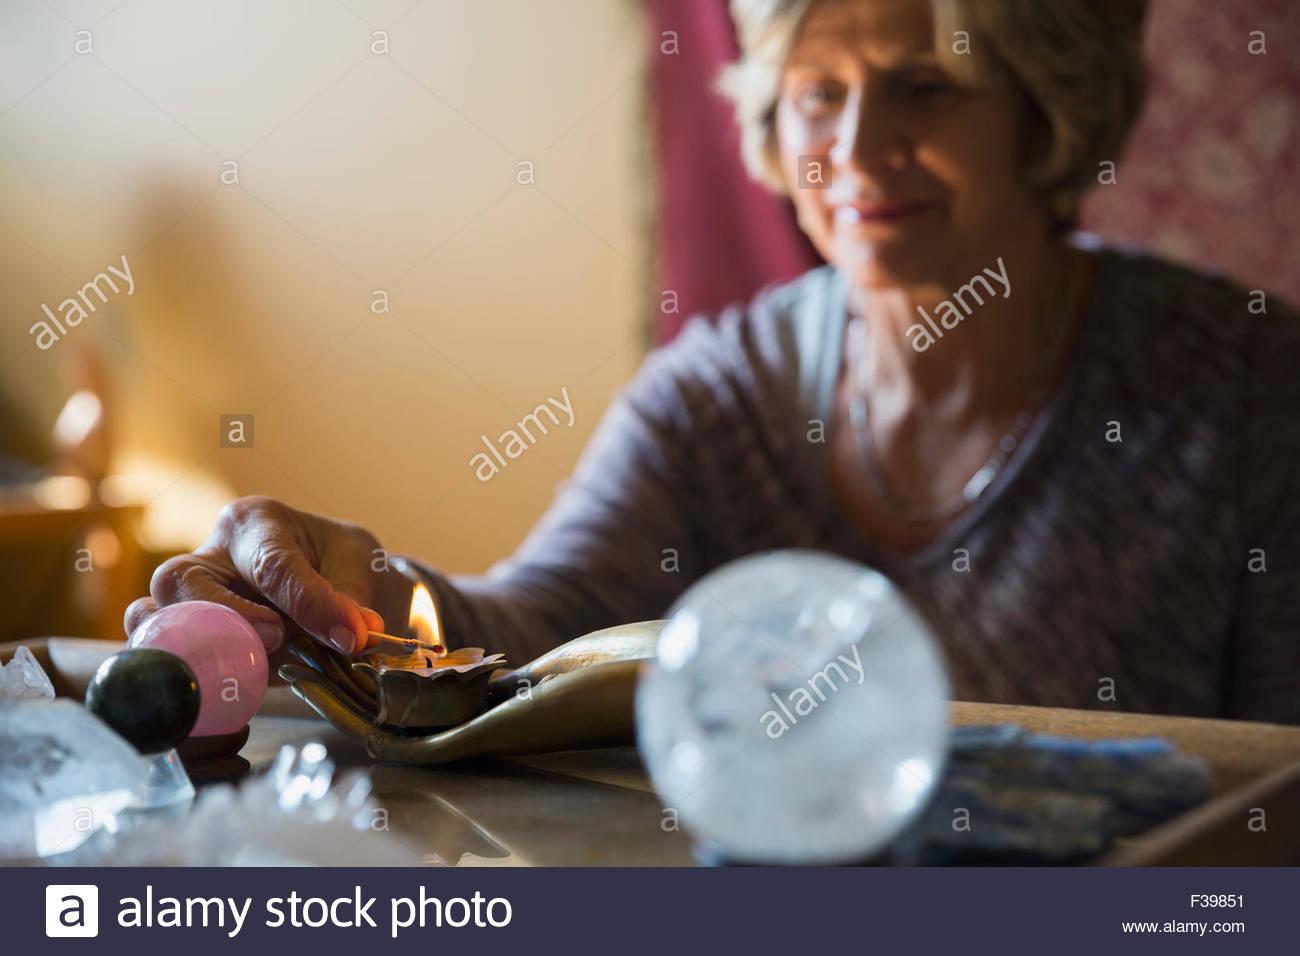 Senior donna candela di illuminazione per la meditazione Immagini Stock